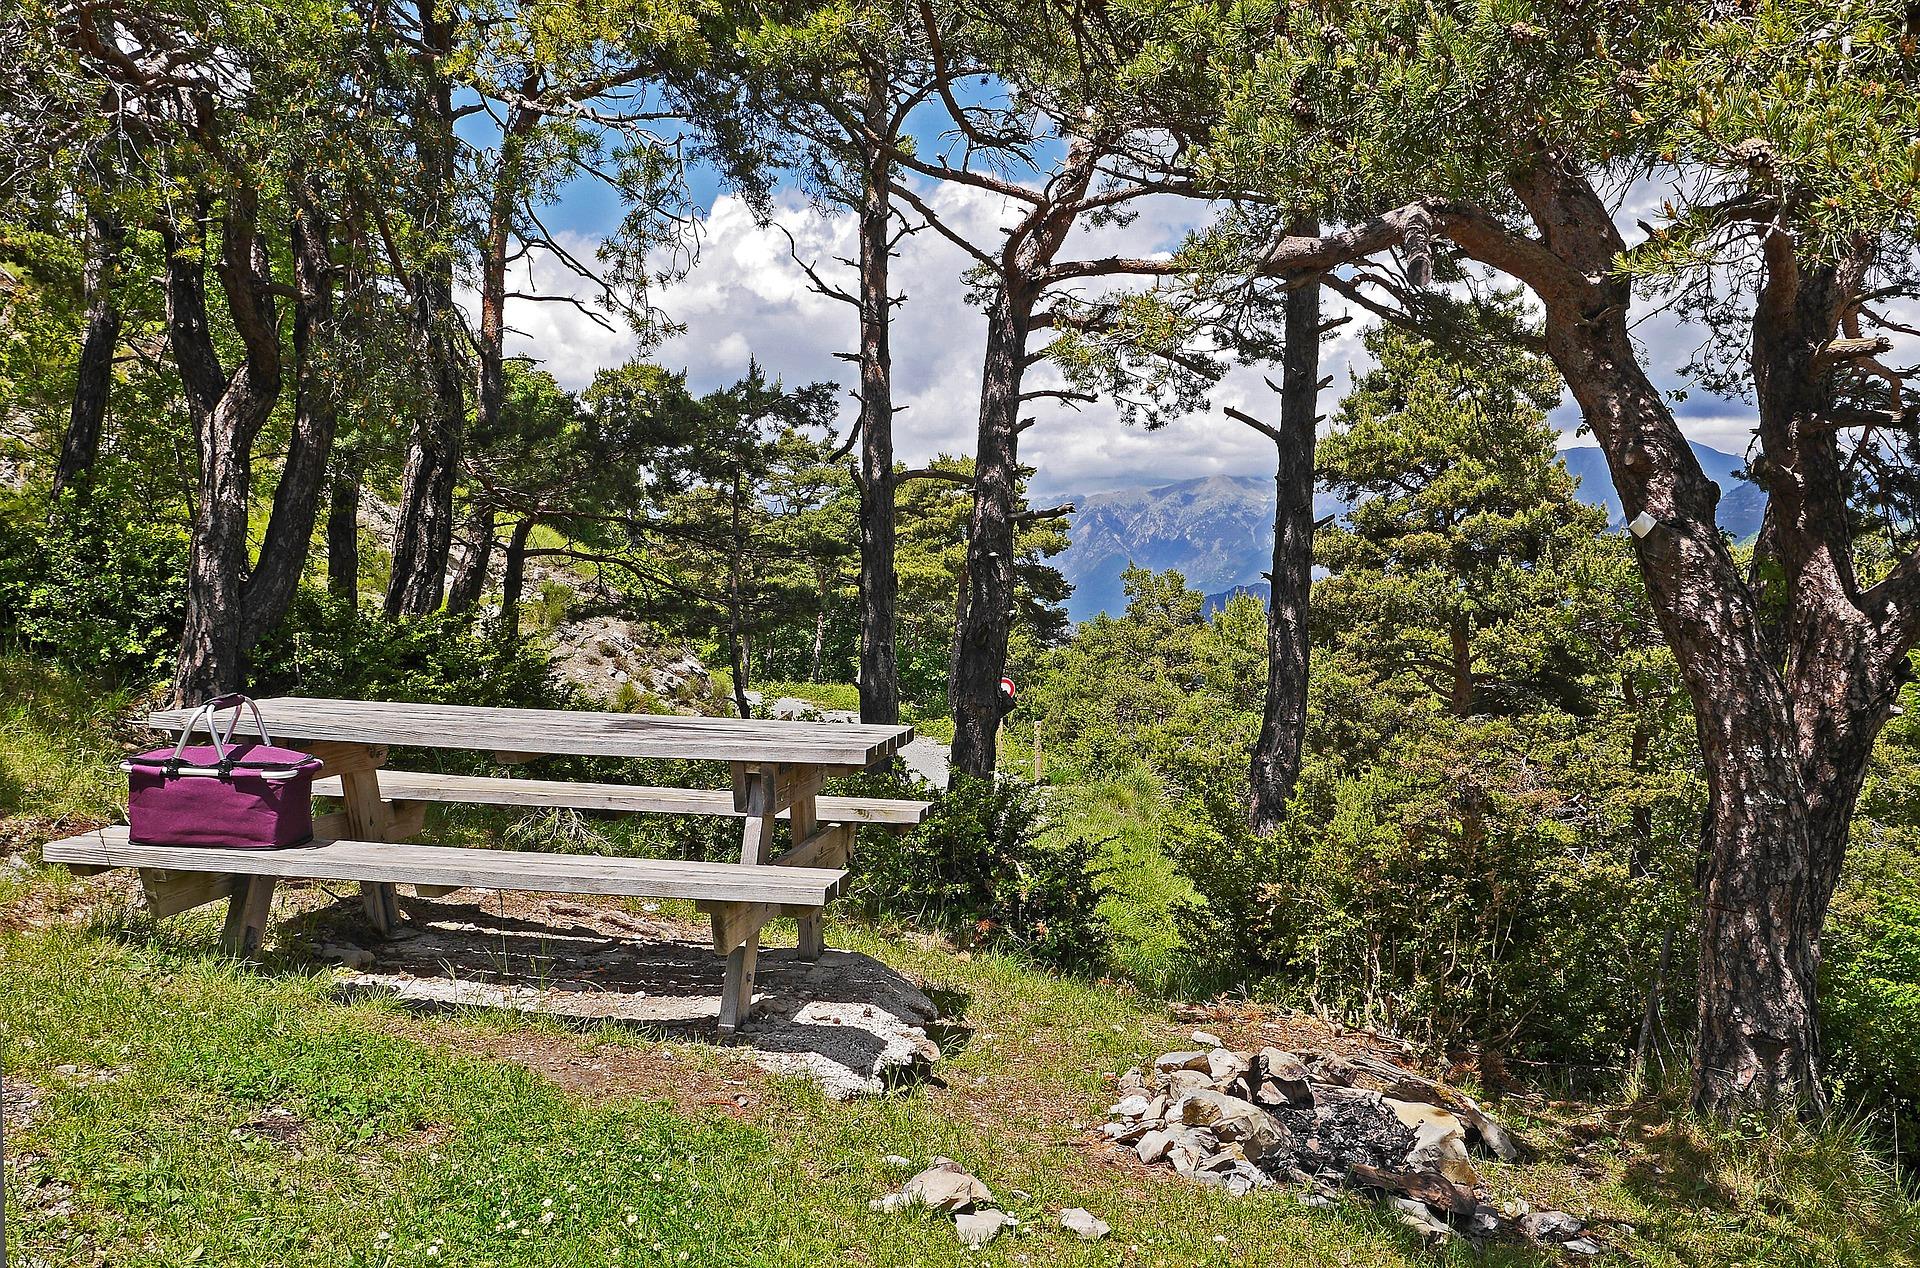 Reciclaje en las excursiones de verano: ¿es posible?